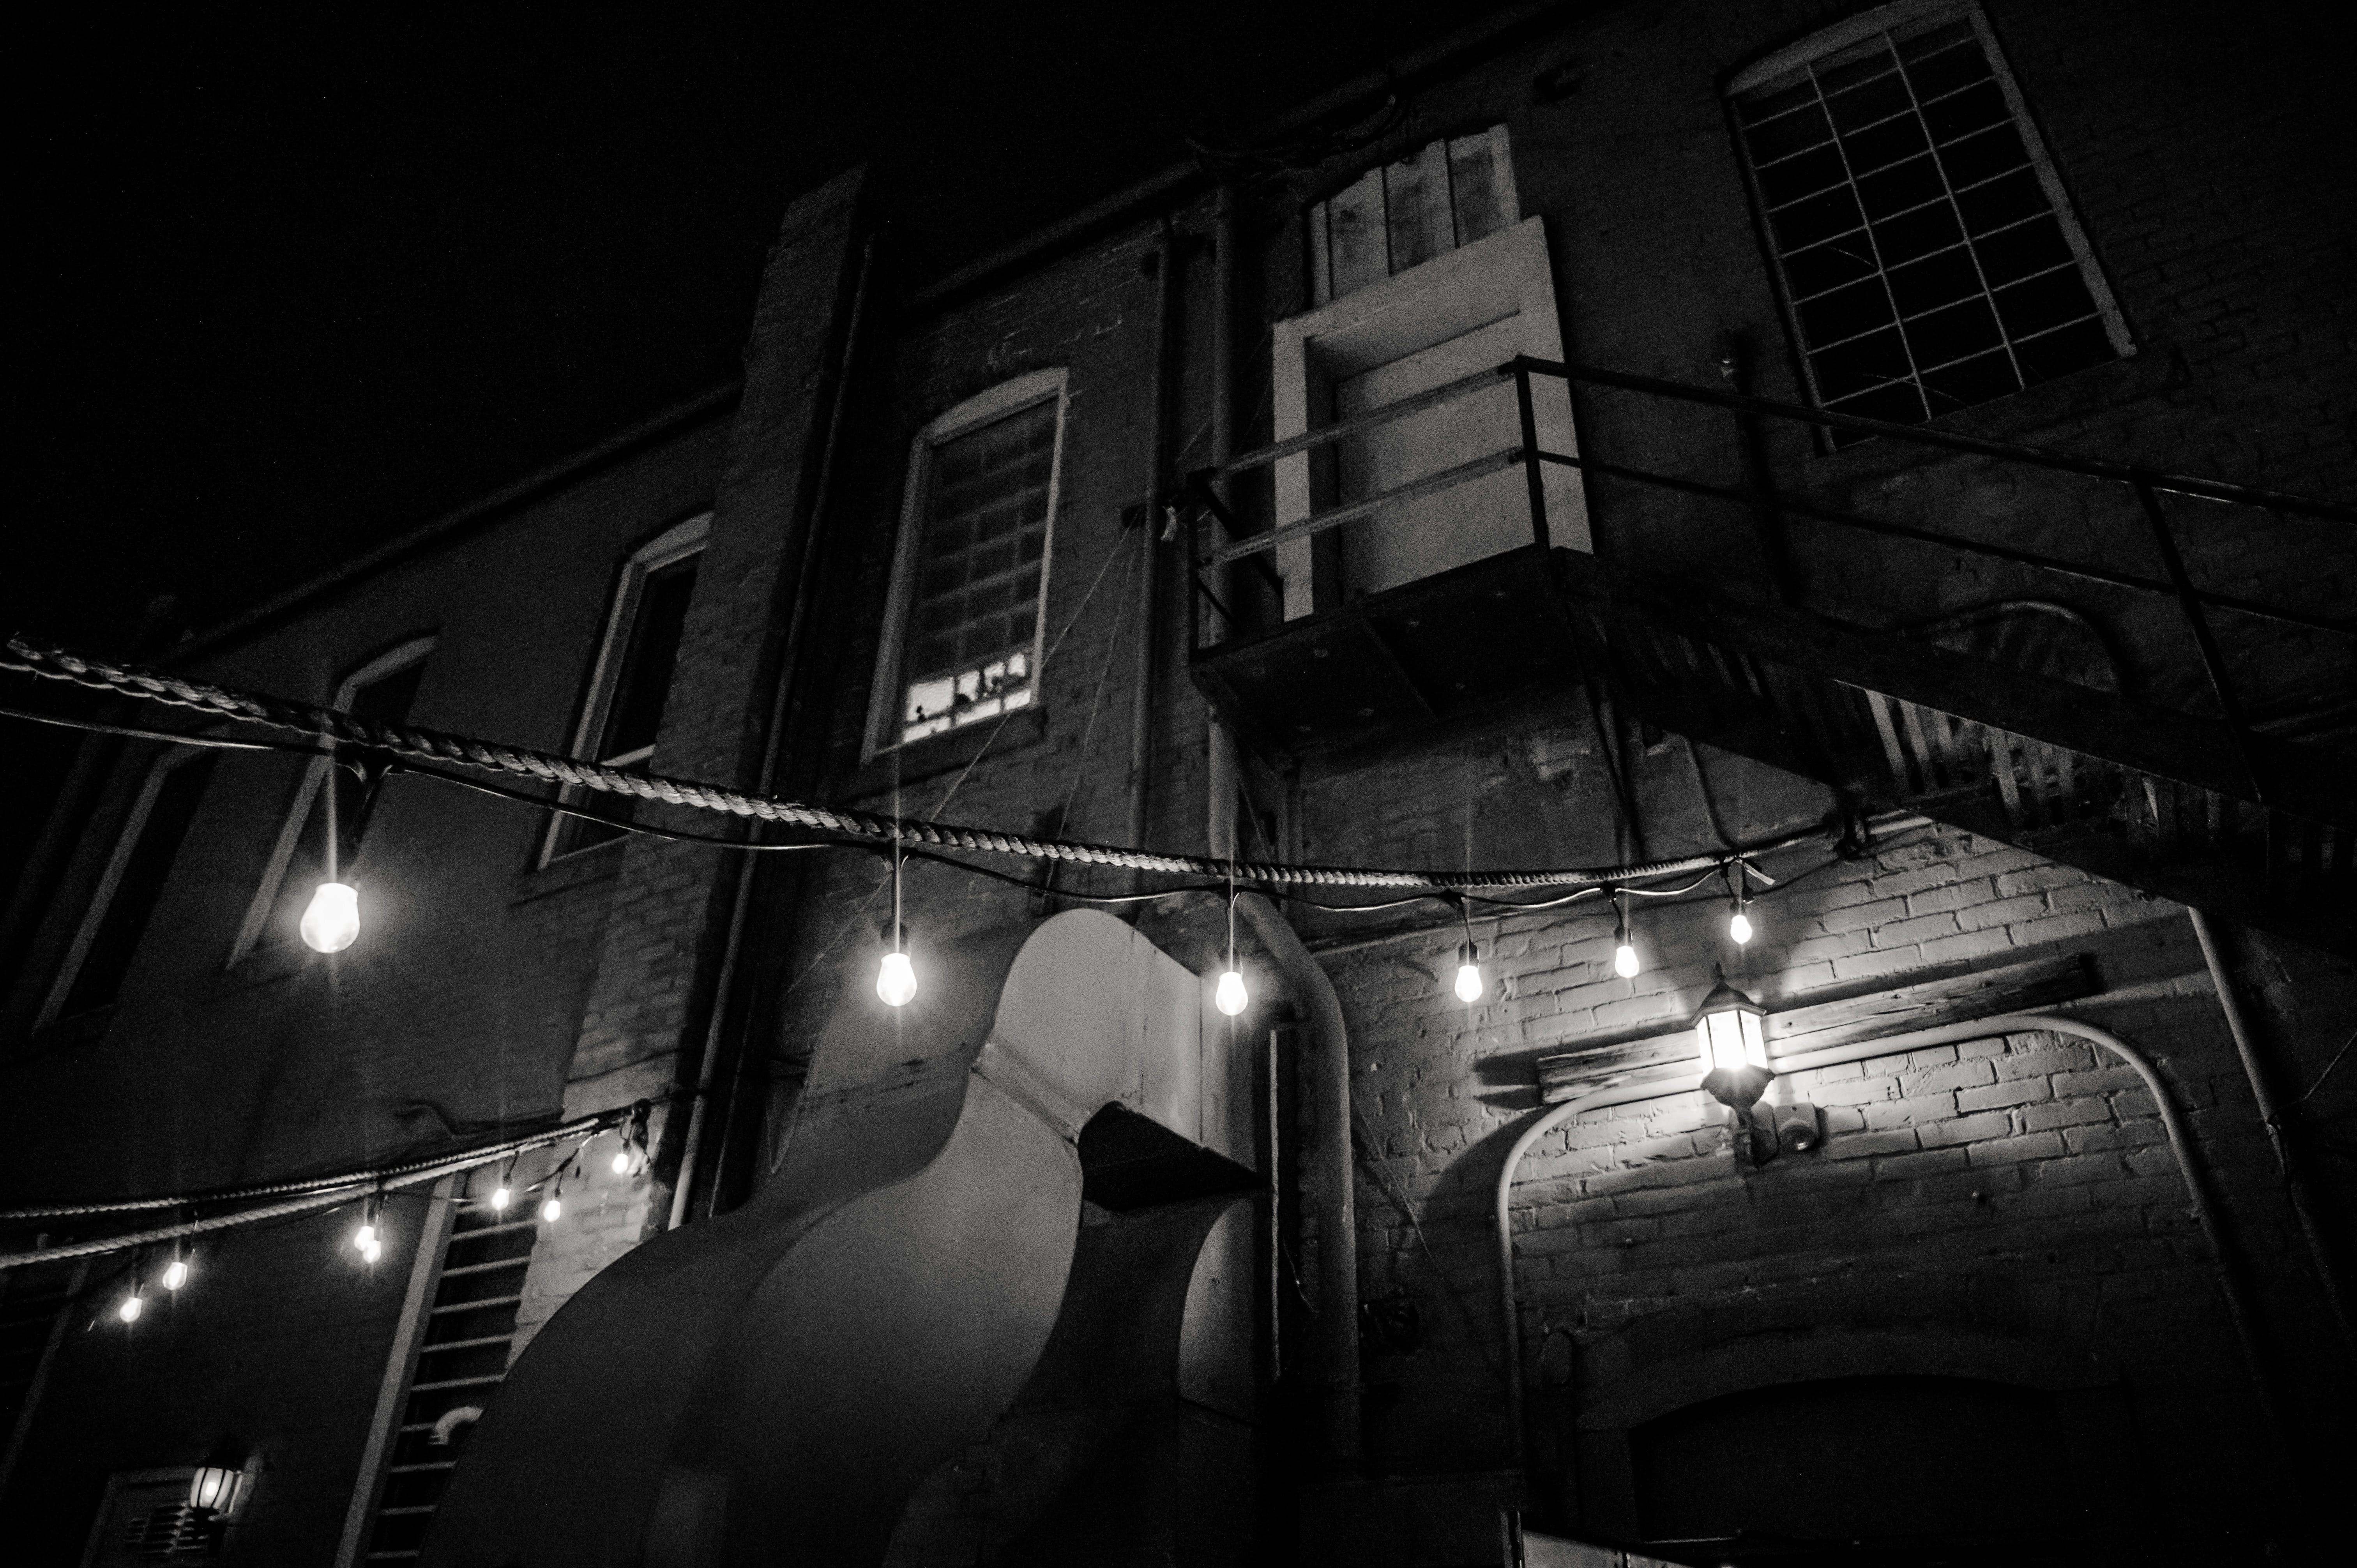 건축, 그레이스케일, 그림자, 도시의의 무료 스톡 사진